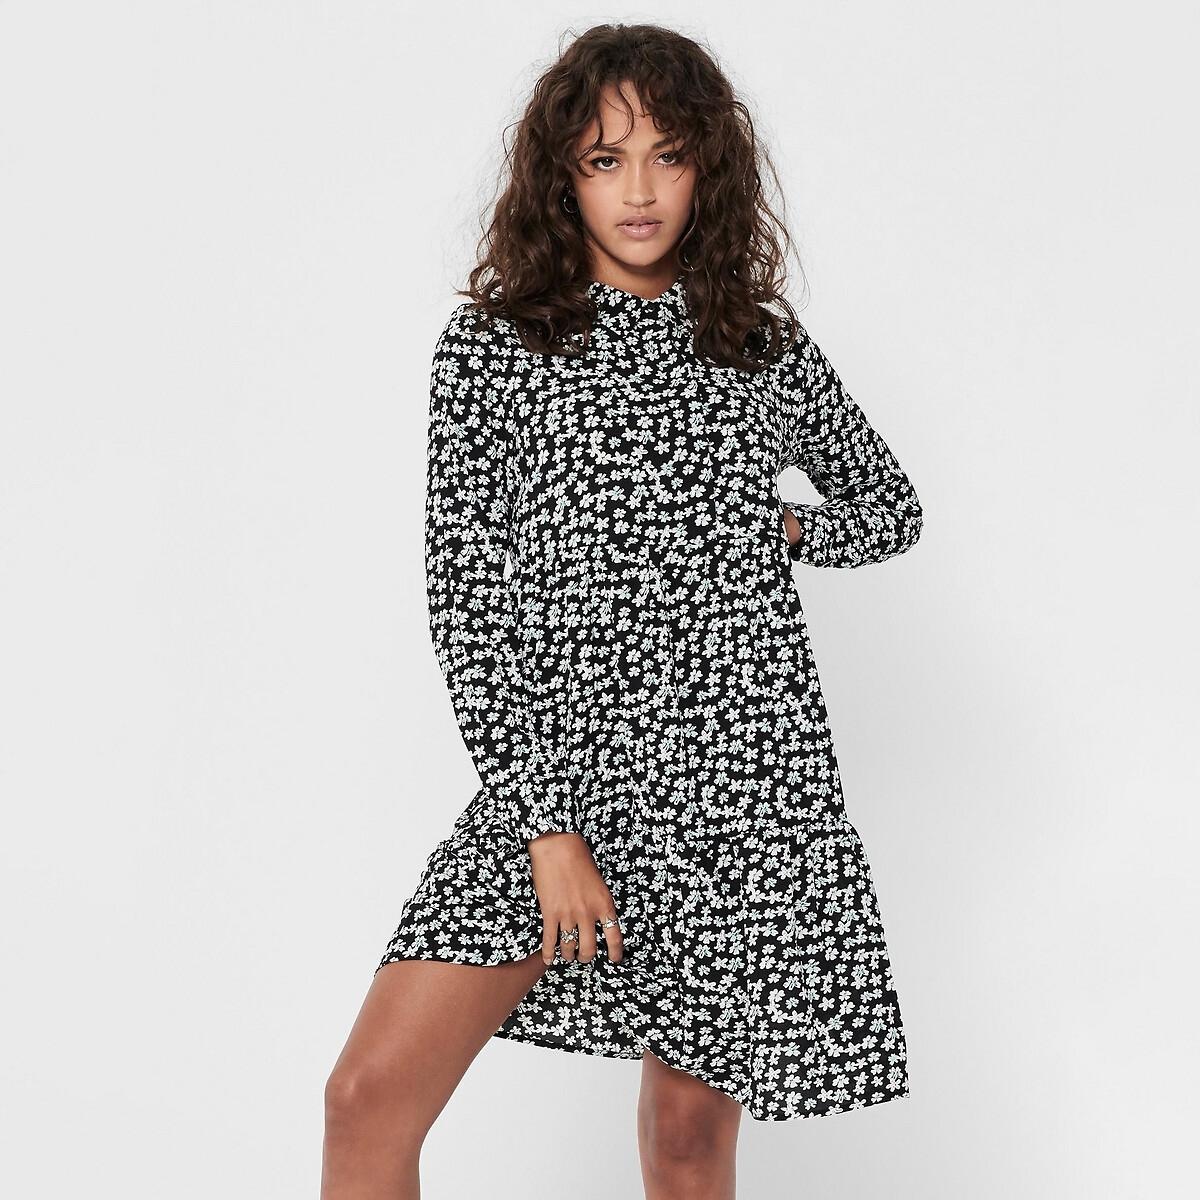 Фото - Платье-рубашка LaRedoute Прямого покроя с цветочным рисунком 38 (FR) - 44 (RUS) черный юбка laredoute джинсовая прямого покроя xs синий